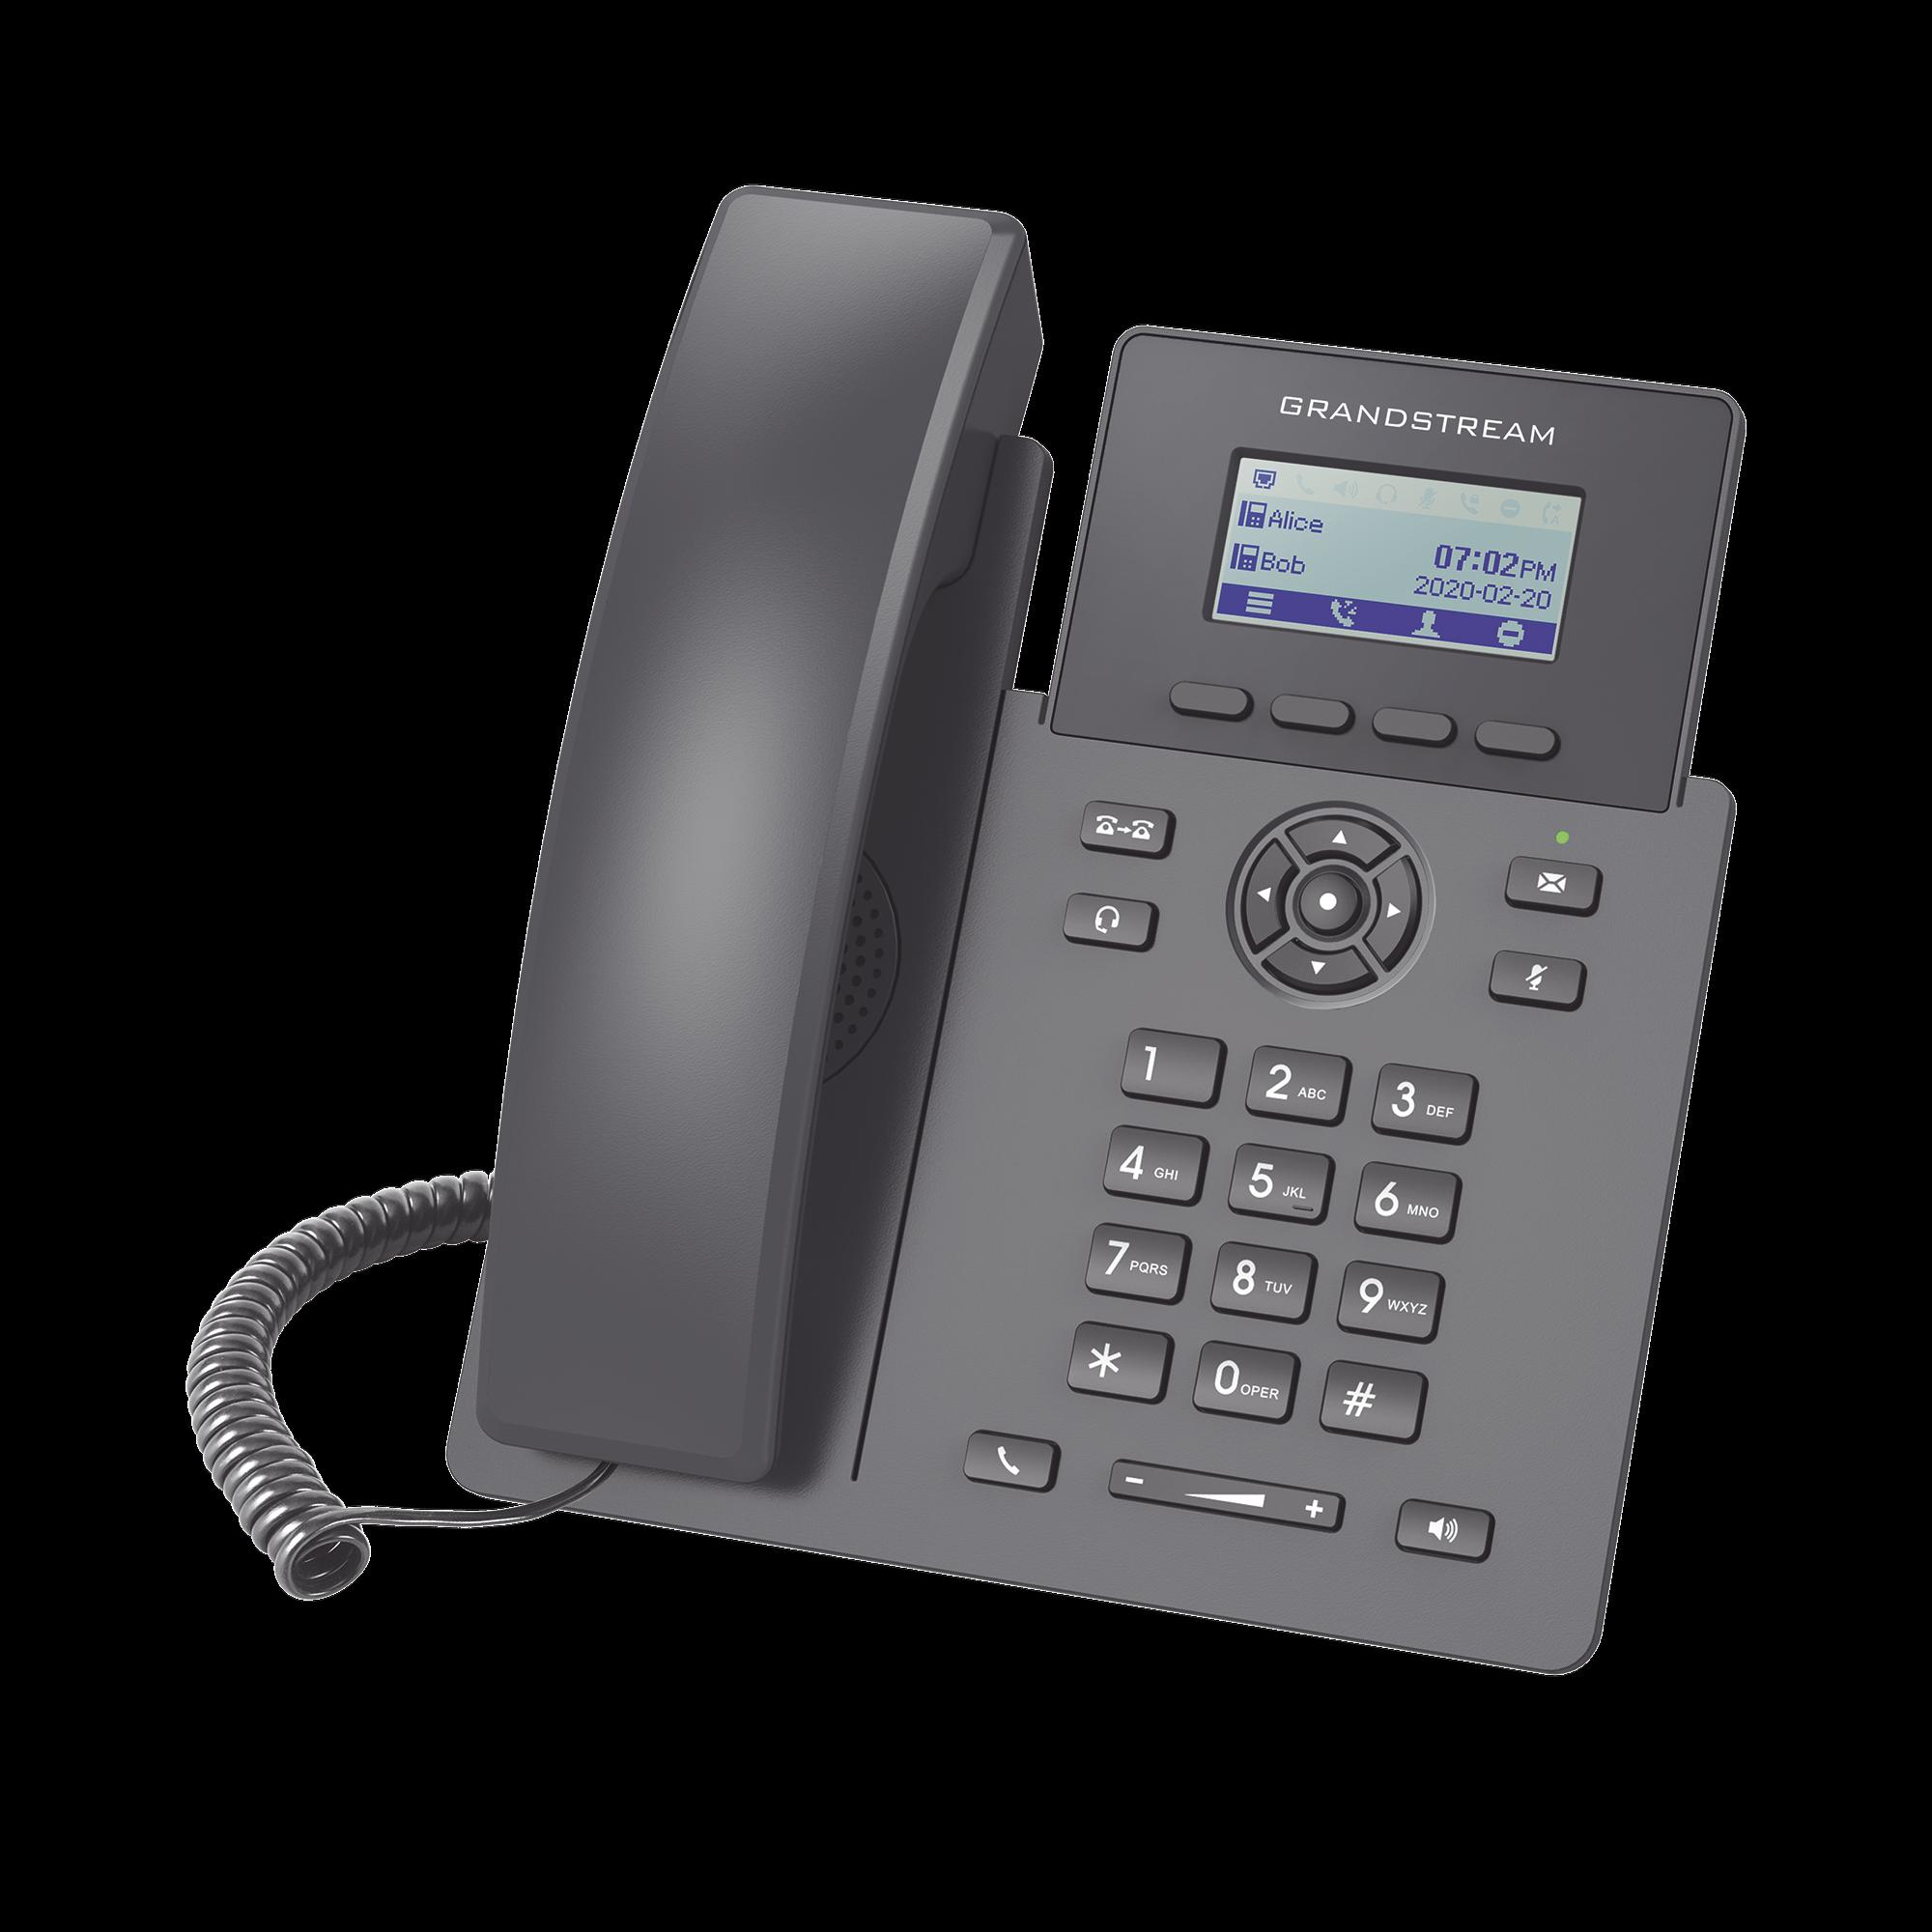 Teléfono IP Grado Operador, 2 líneas SIP con 2 cuentas, codec Opus, IPV4/IPV6 con gestión en la nube GDMS